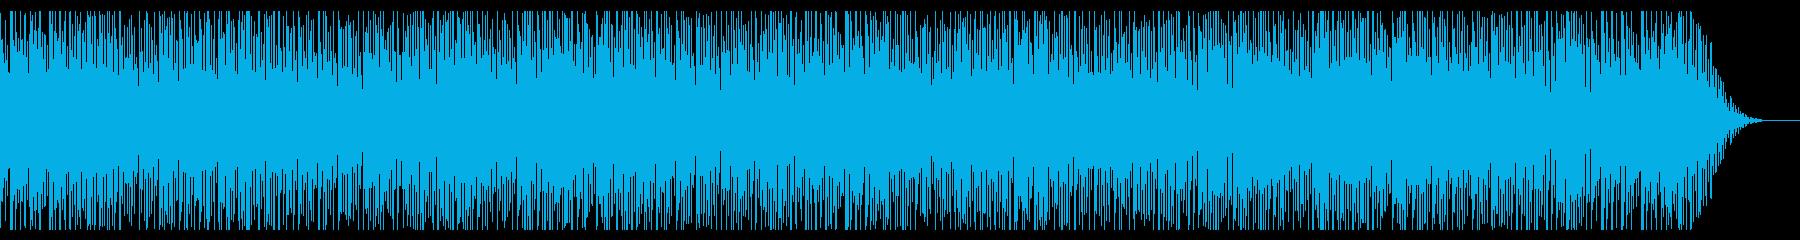 レトロゲーム風BGM(FM音源)の再生済みの波形